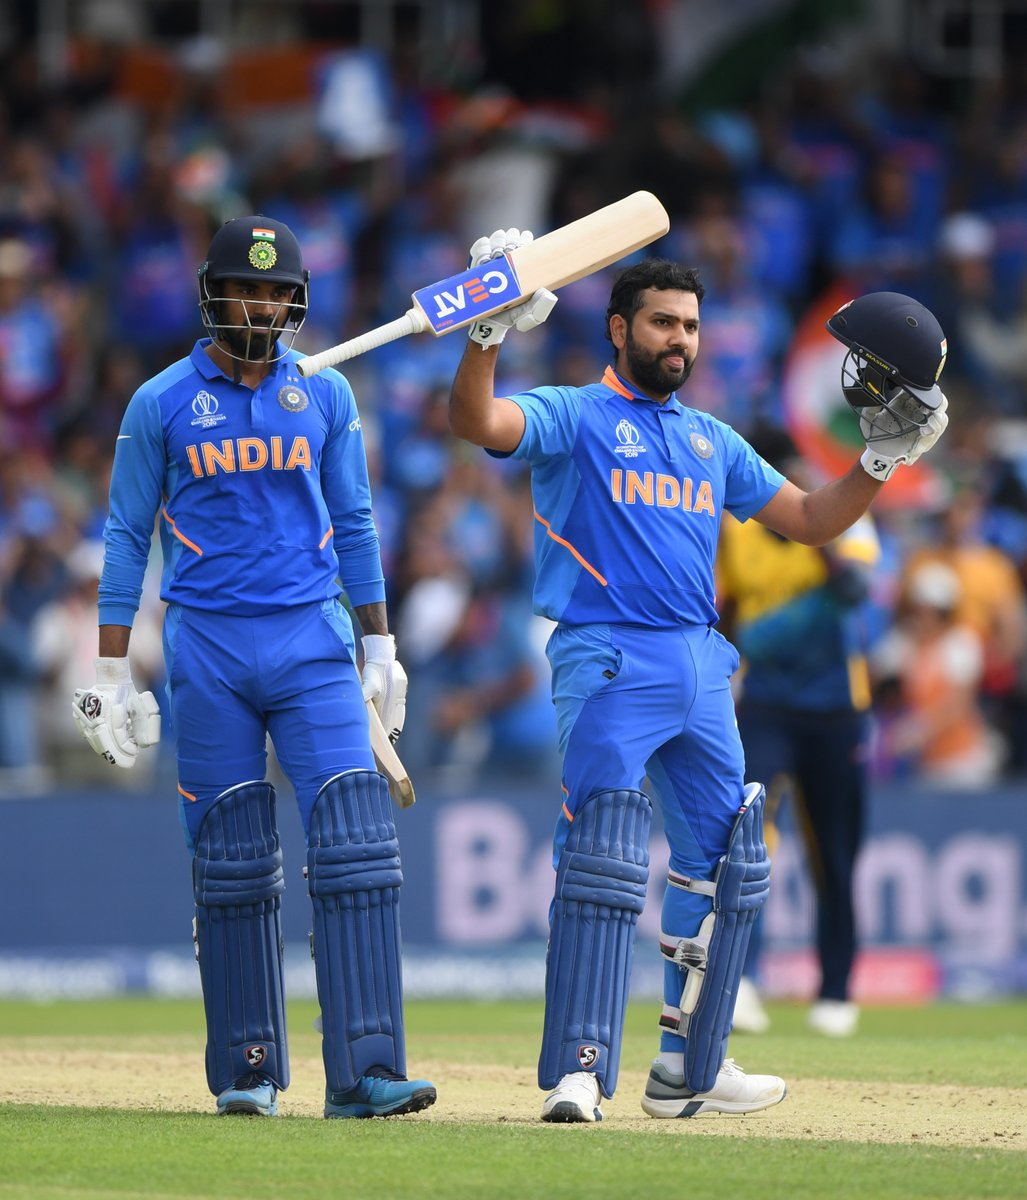 বিশ্বকাপে ভারতের সাফল্যের কৃতিত্ব শুধুমাত্র রোহিত কে নয়, এই ক্রিকেটারকেও সমানভাবে দেওয়া উচিত --- শচীন তেন্ডুলকর ! 2